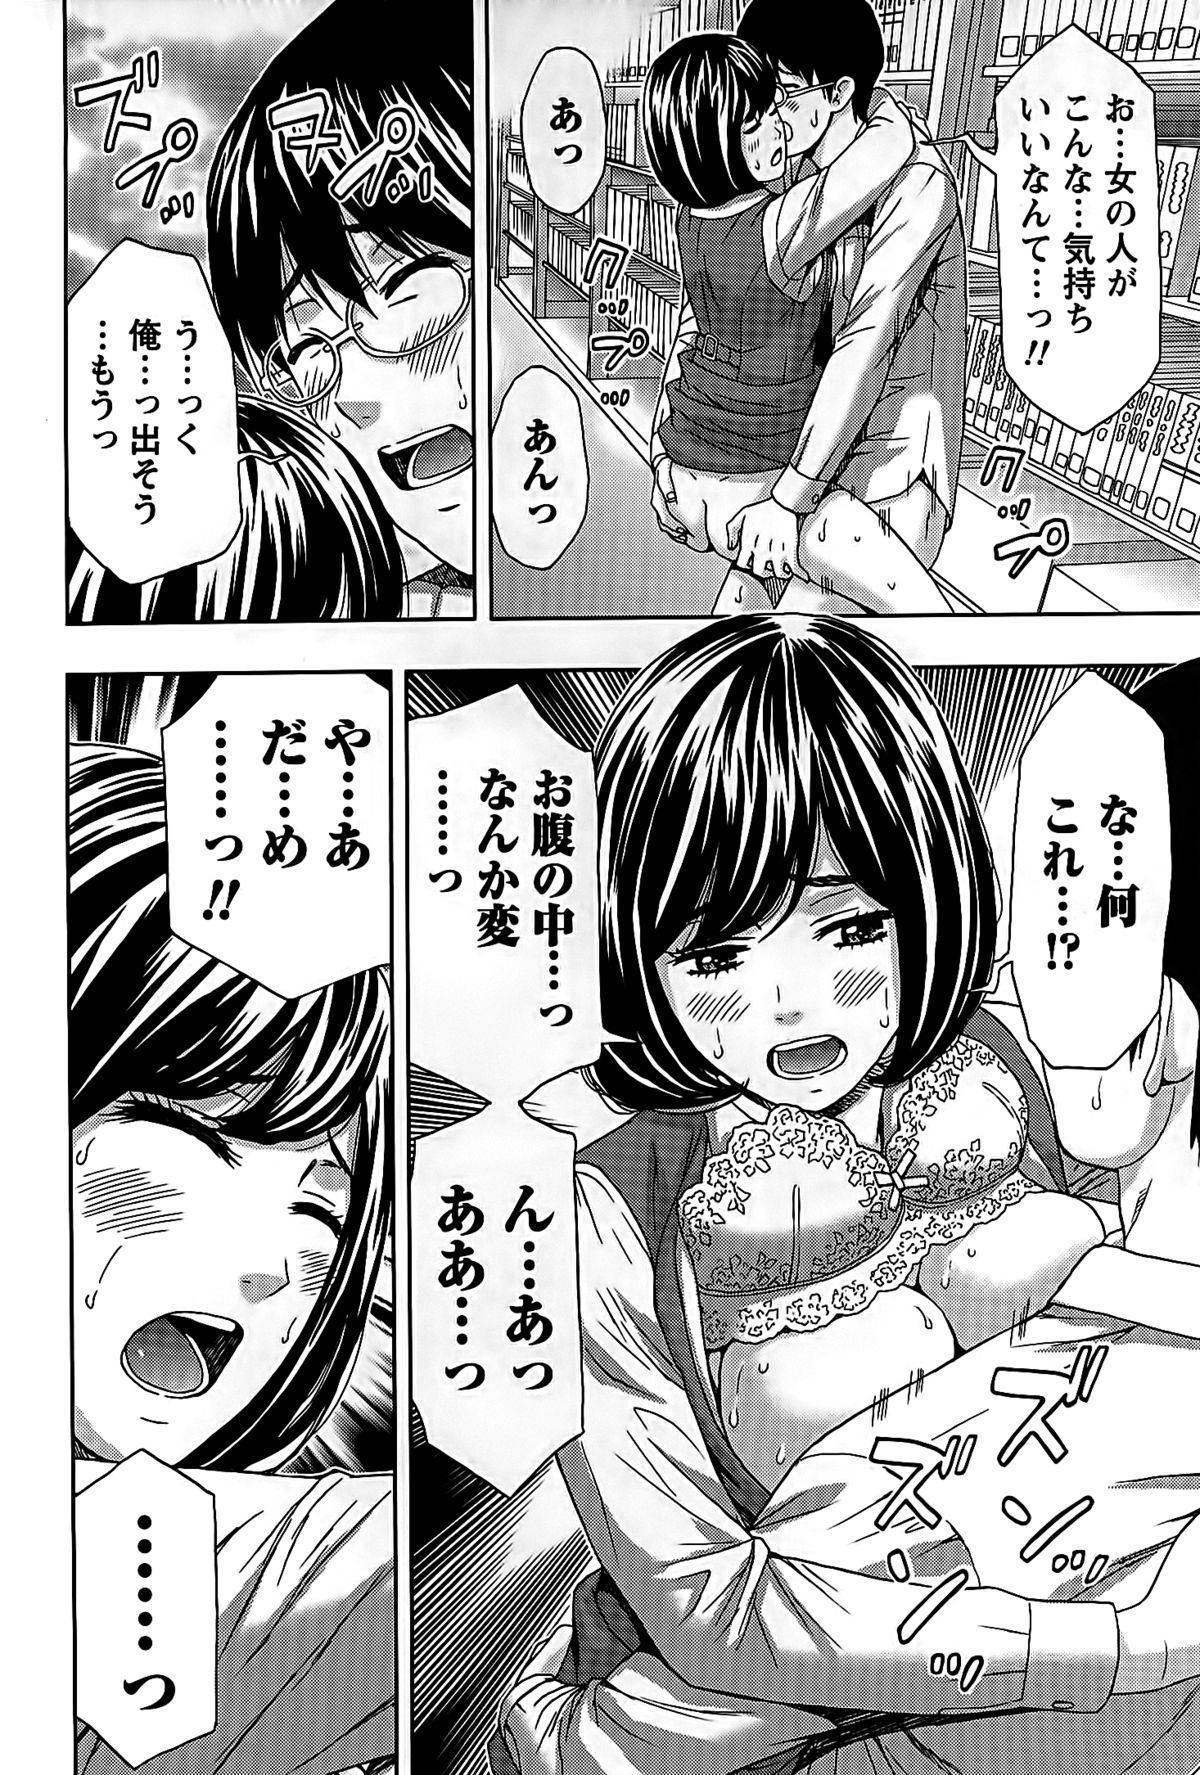 Shittori Lady to Amai Mitsu 101